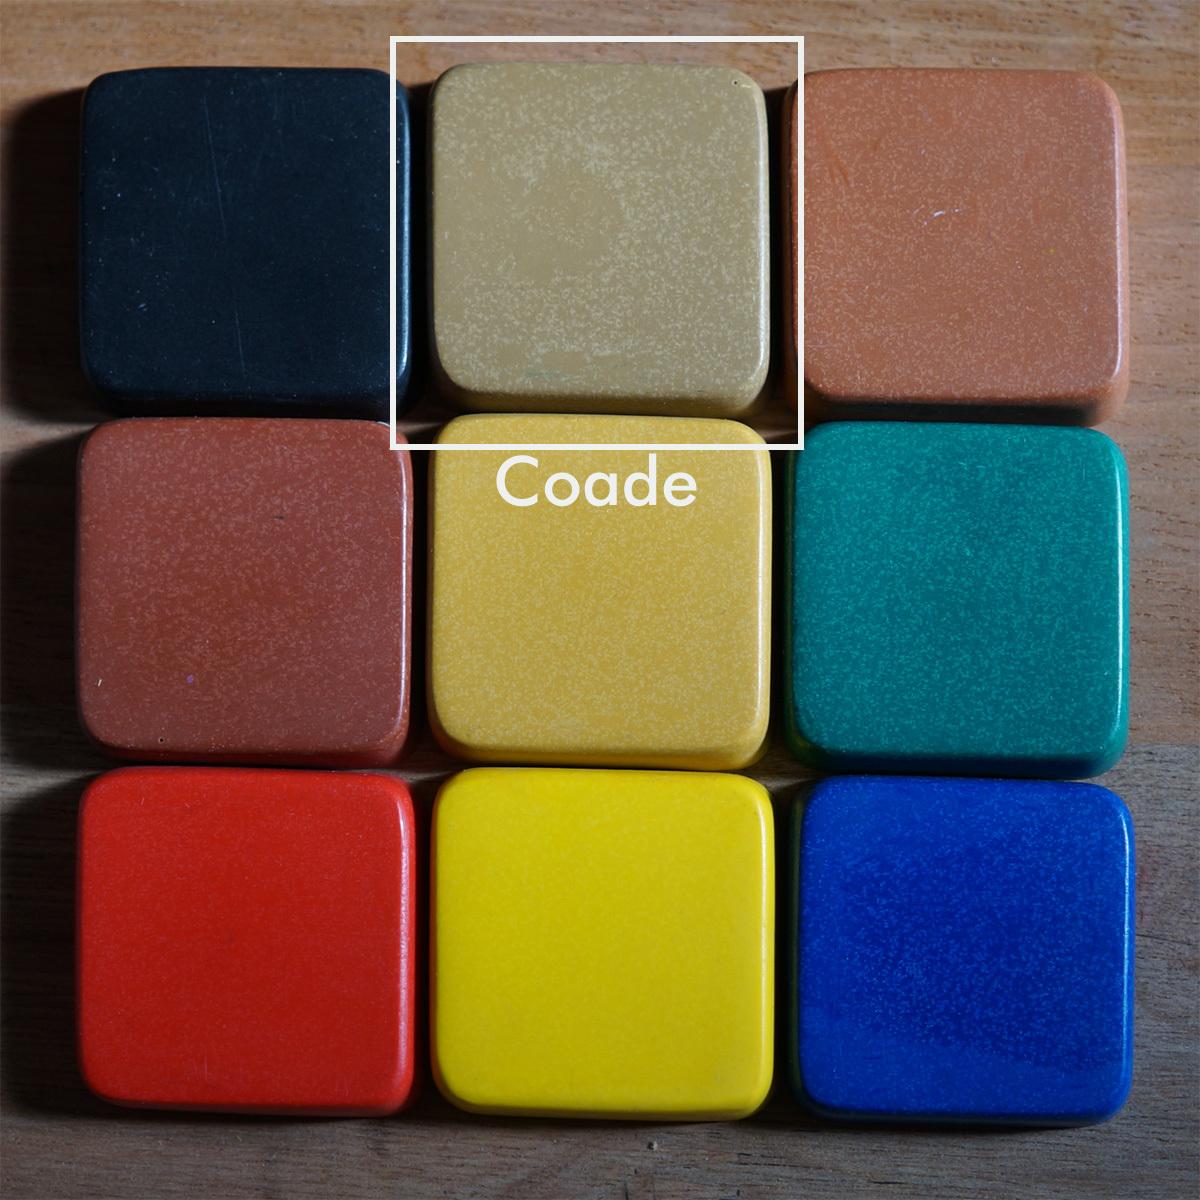 PIGMENT COADE 1kg(着色剤:コード 1kg) - 画像2